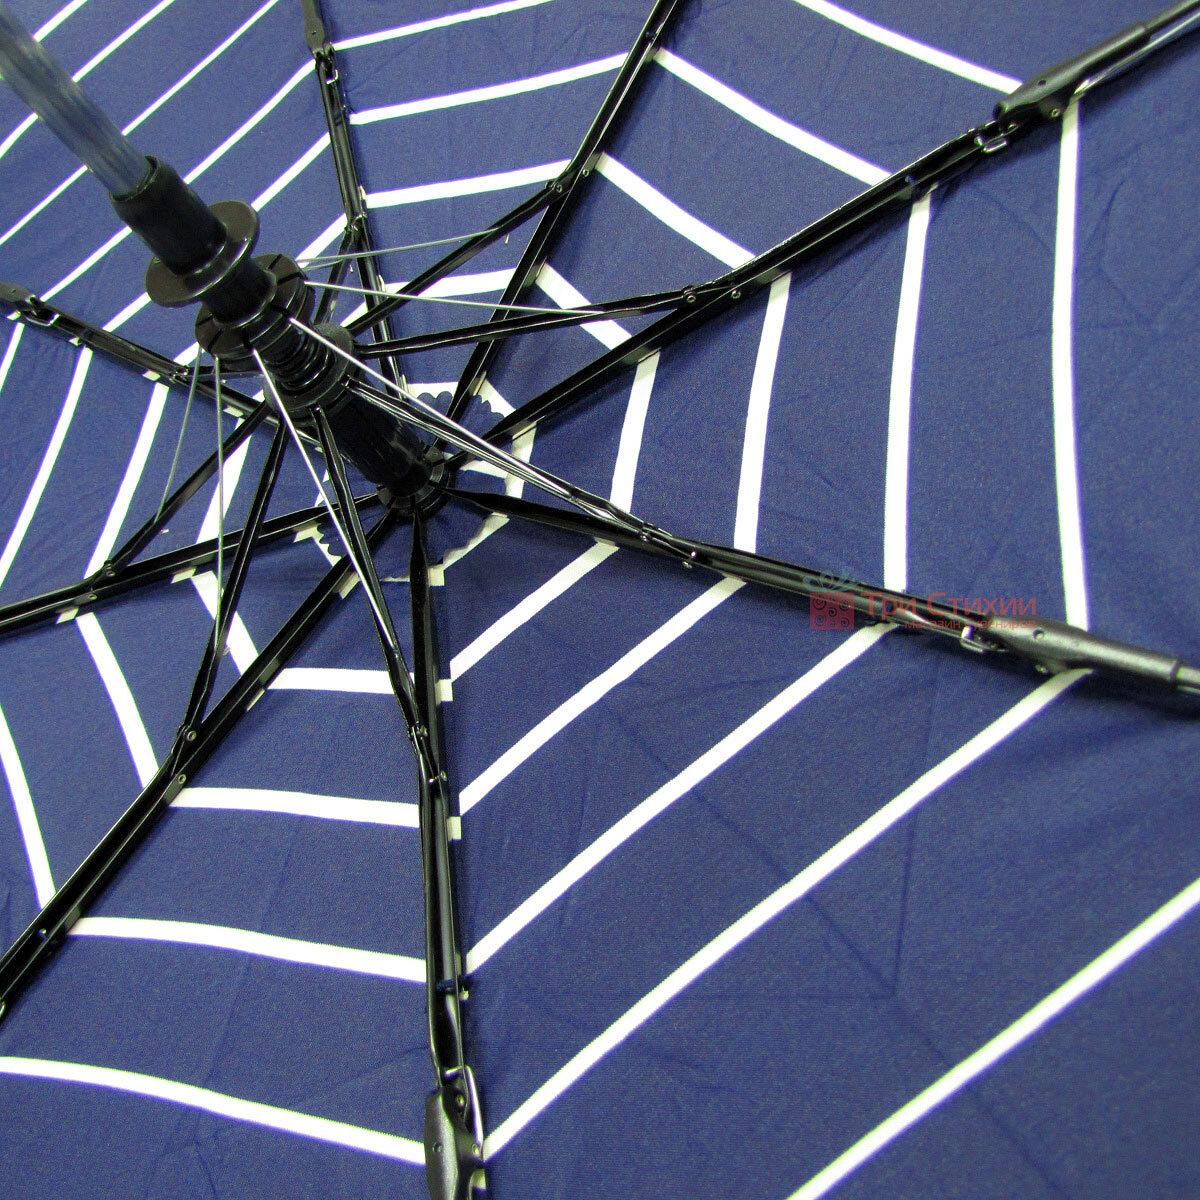 Зонт складной Doppler 730165NE03 полуавтомат Синий в полоску, фото 4